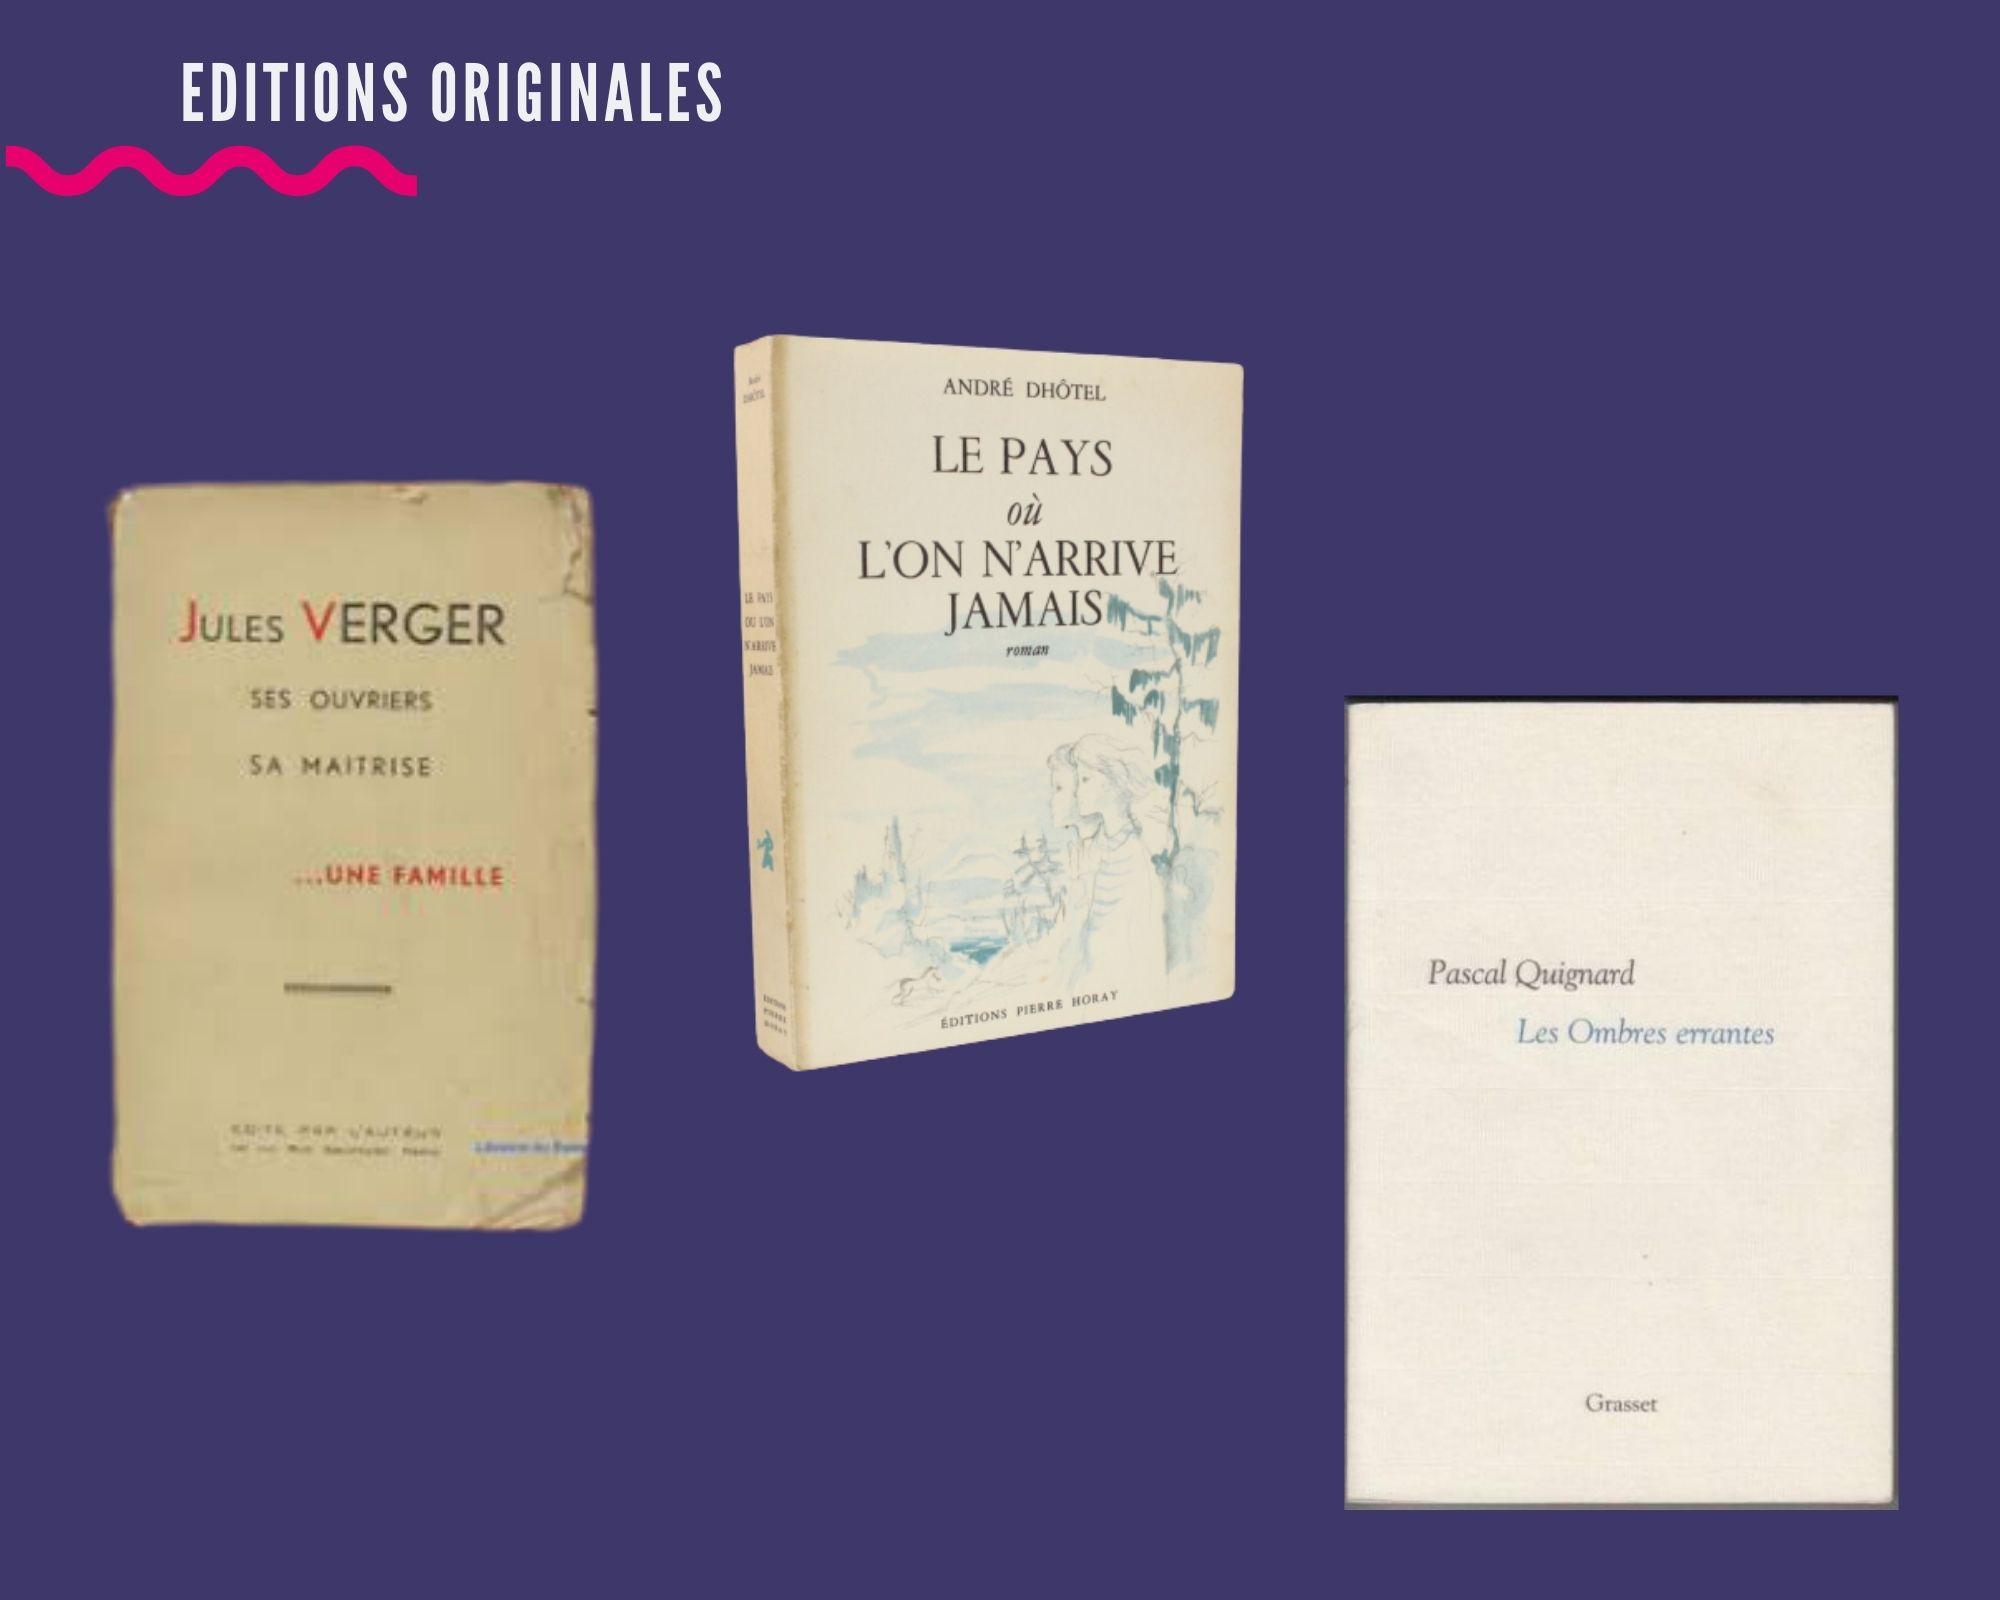 Box Editions originales